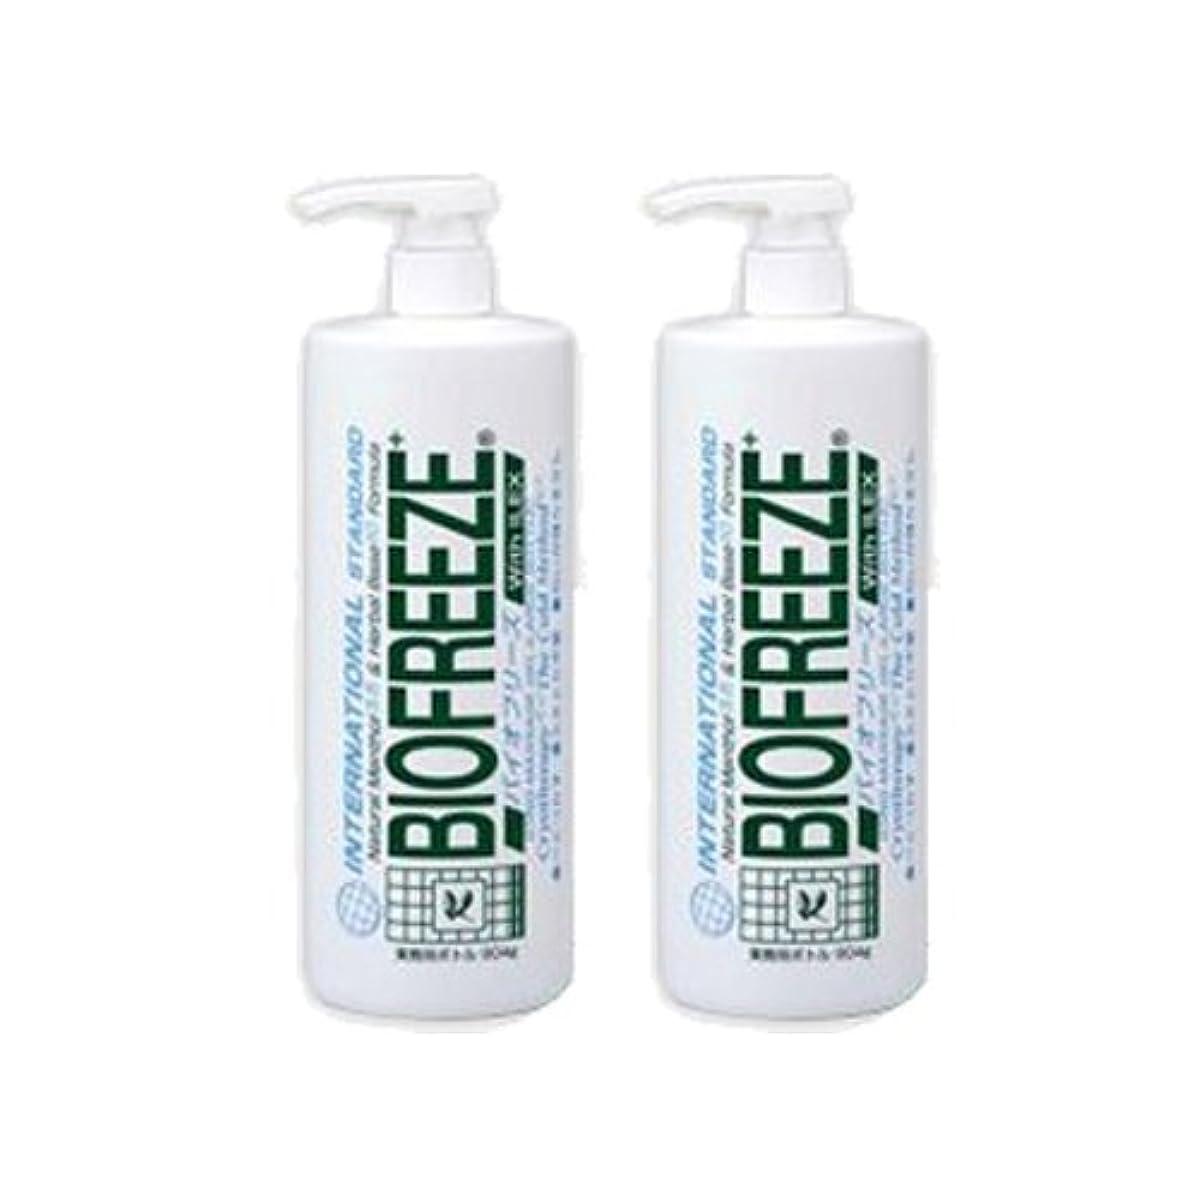 早熟染料しみバイオフリーズ 業務用ボトルタイプ(904g) アイシングマッサージジェル ×2個